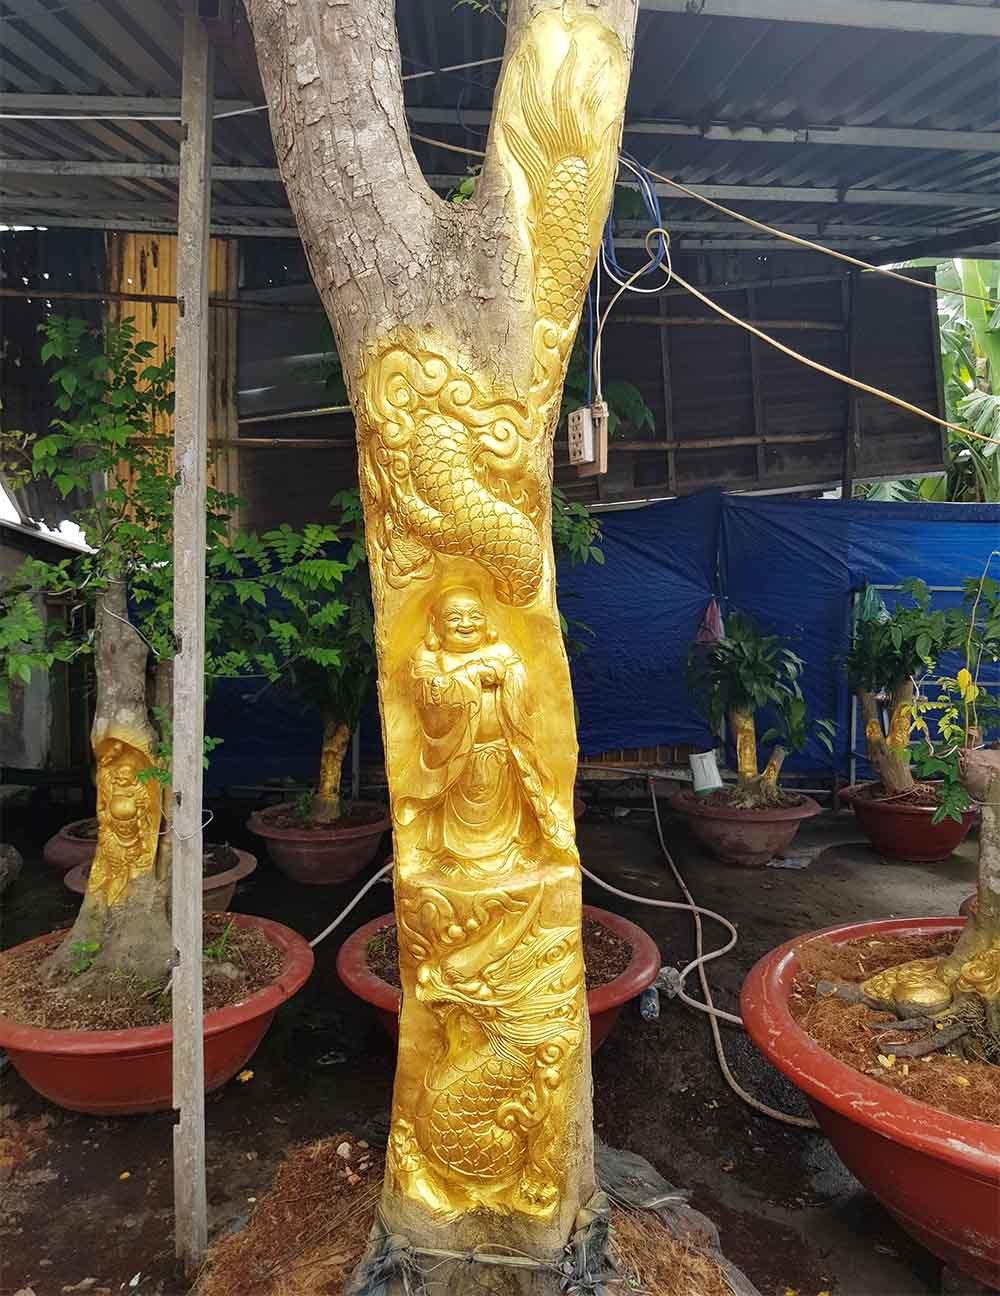 Chuyện lạ miền Tây: Quan Âm Bồ Tát cưỡi rồng vàng hiện hình trên cây khế-3